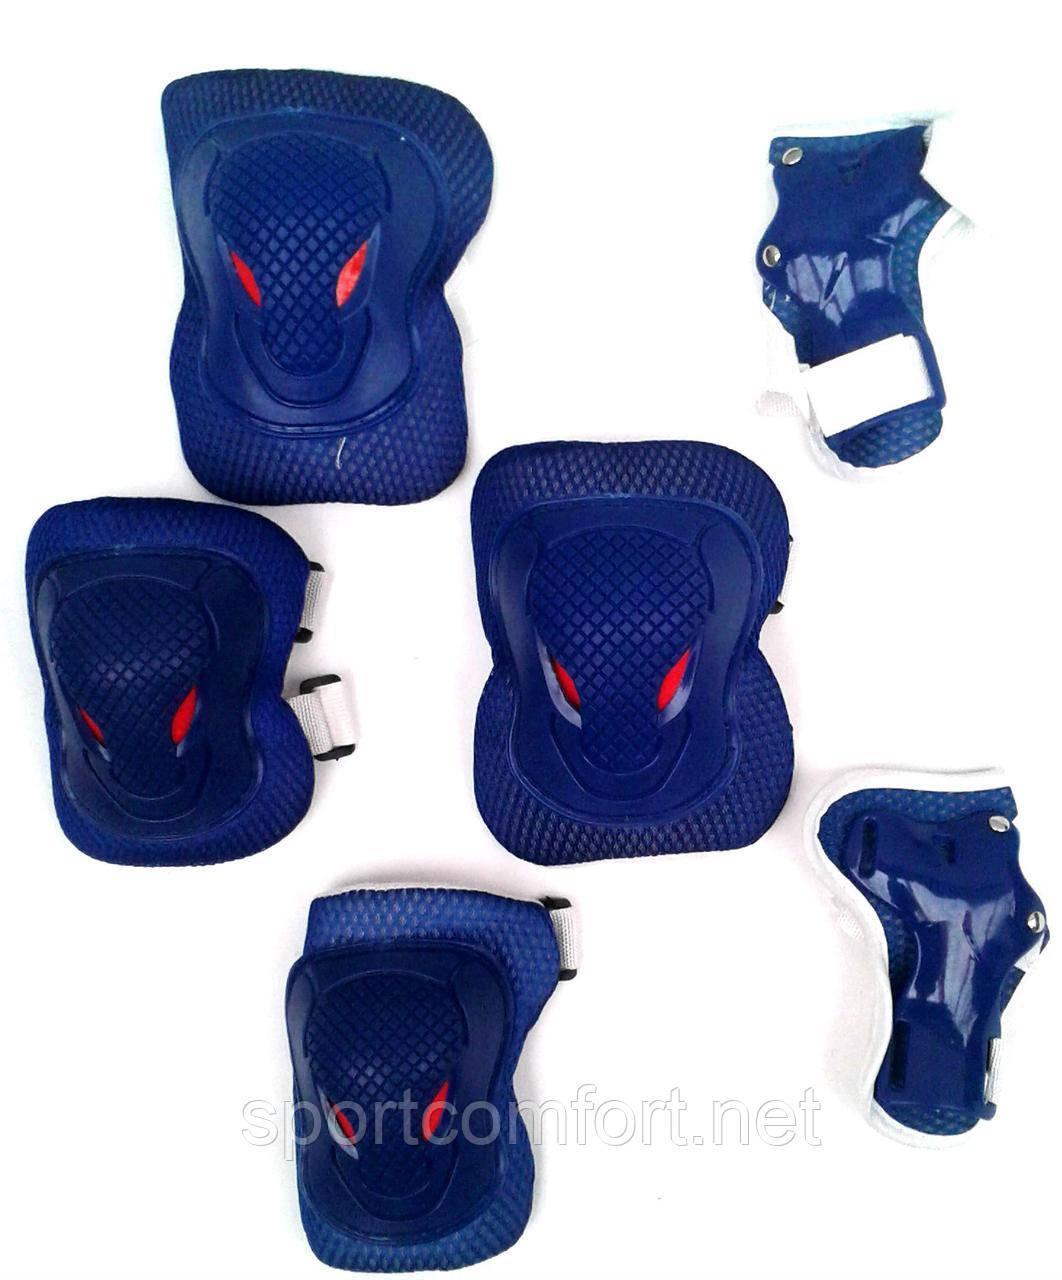 Защита для роликов подростковая (10-18 лет) Sport синяя